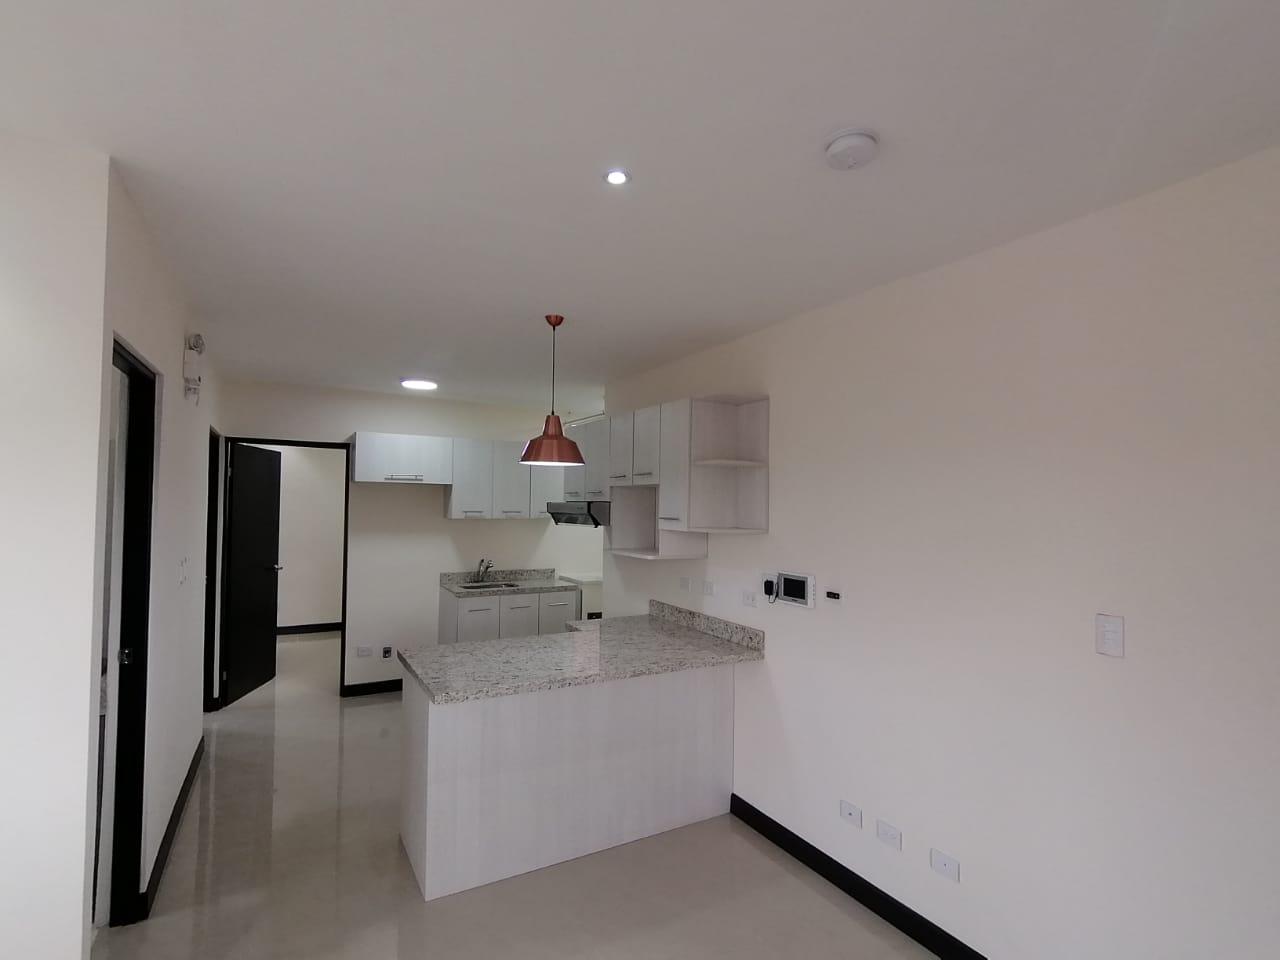 2860 Se Vende Apartamento a estrenar en Hatillo